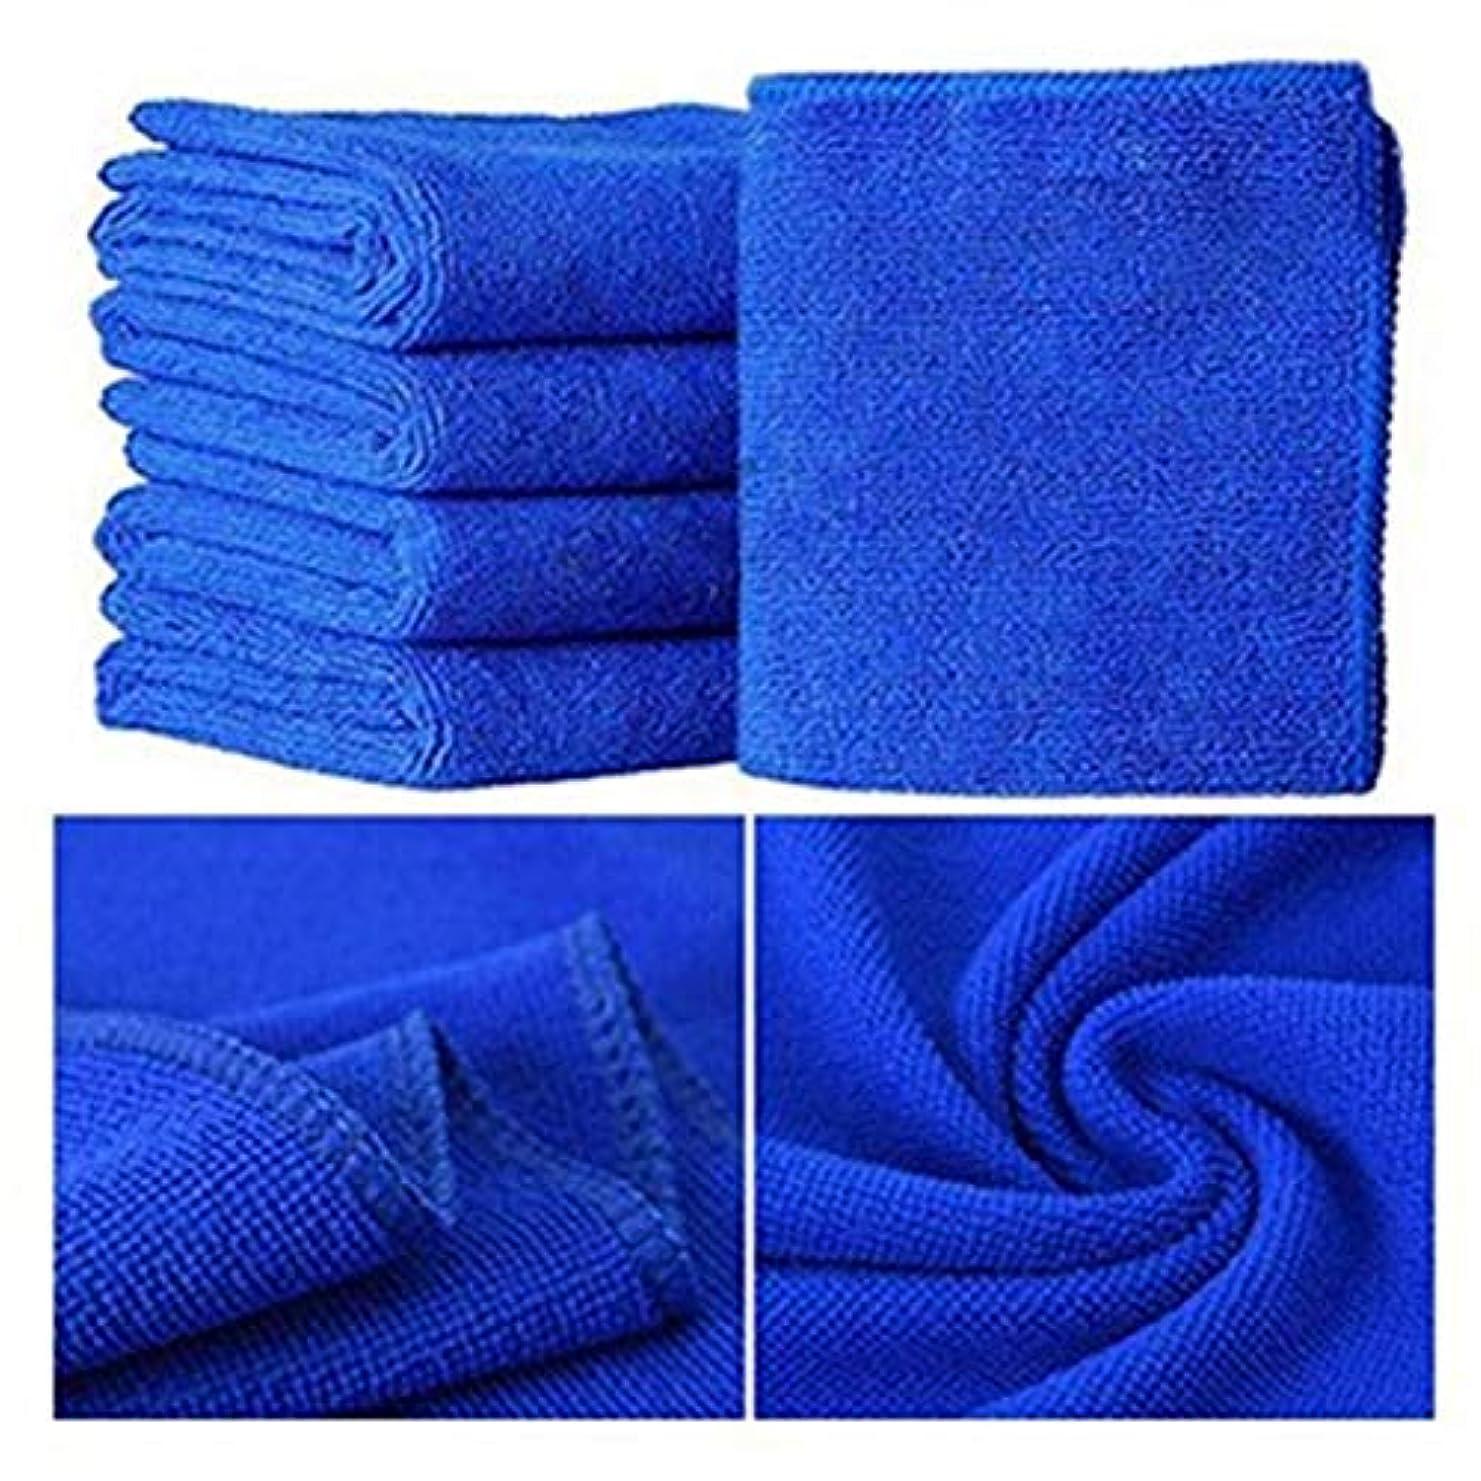 非効率的な便益芸術Maxcrestas - 25*25cm 5 Pcs/ 10 Pcs Small Towel Soft Microfiber Towel great absorbent Towel for bathroom kitchen washing face skin body use [ Blue ]